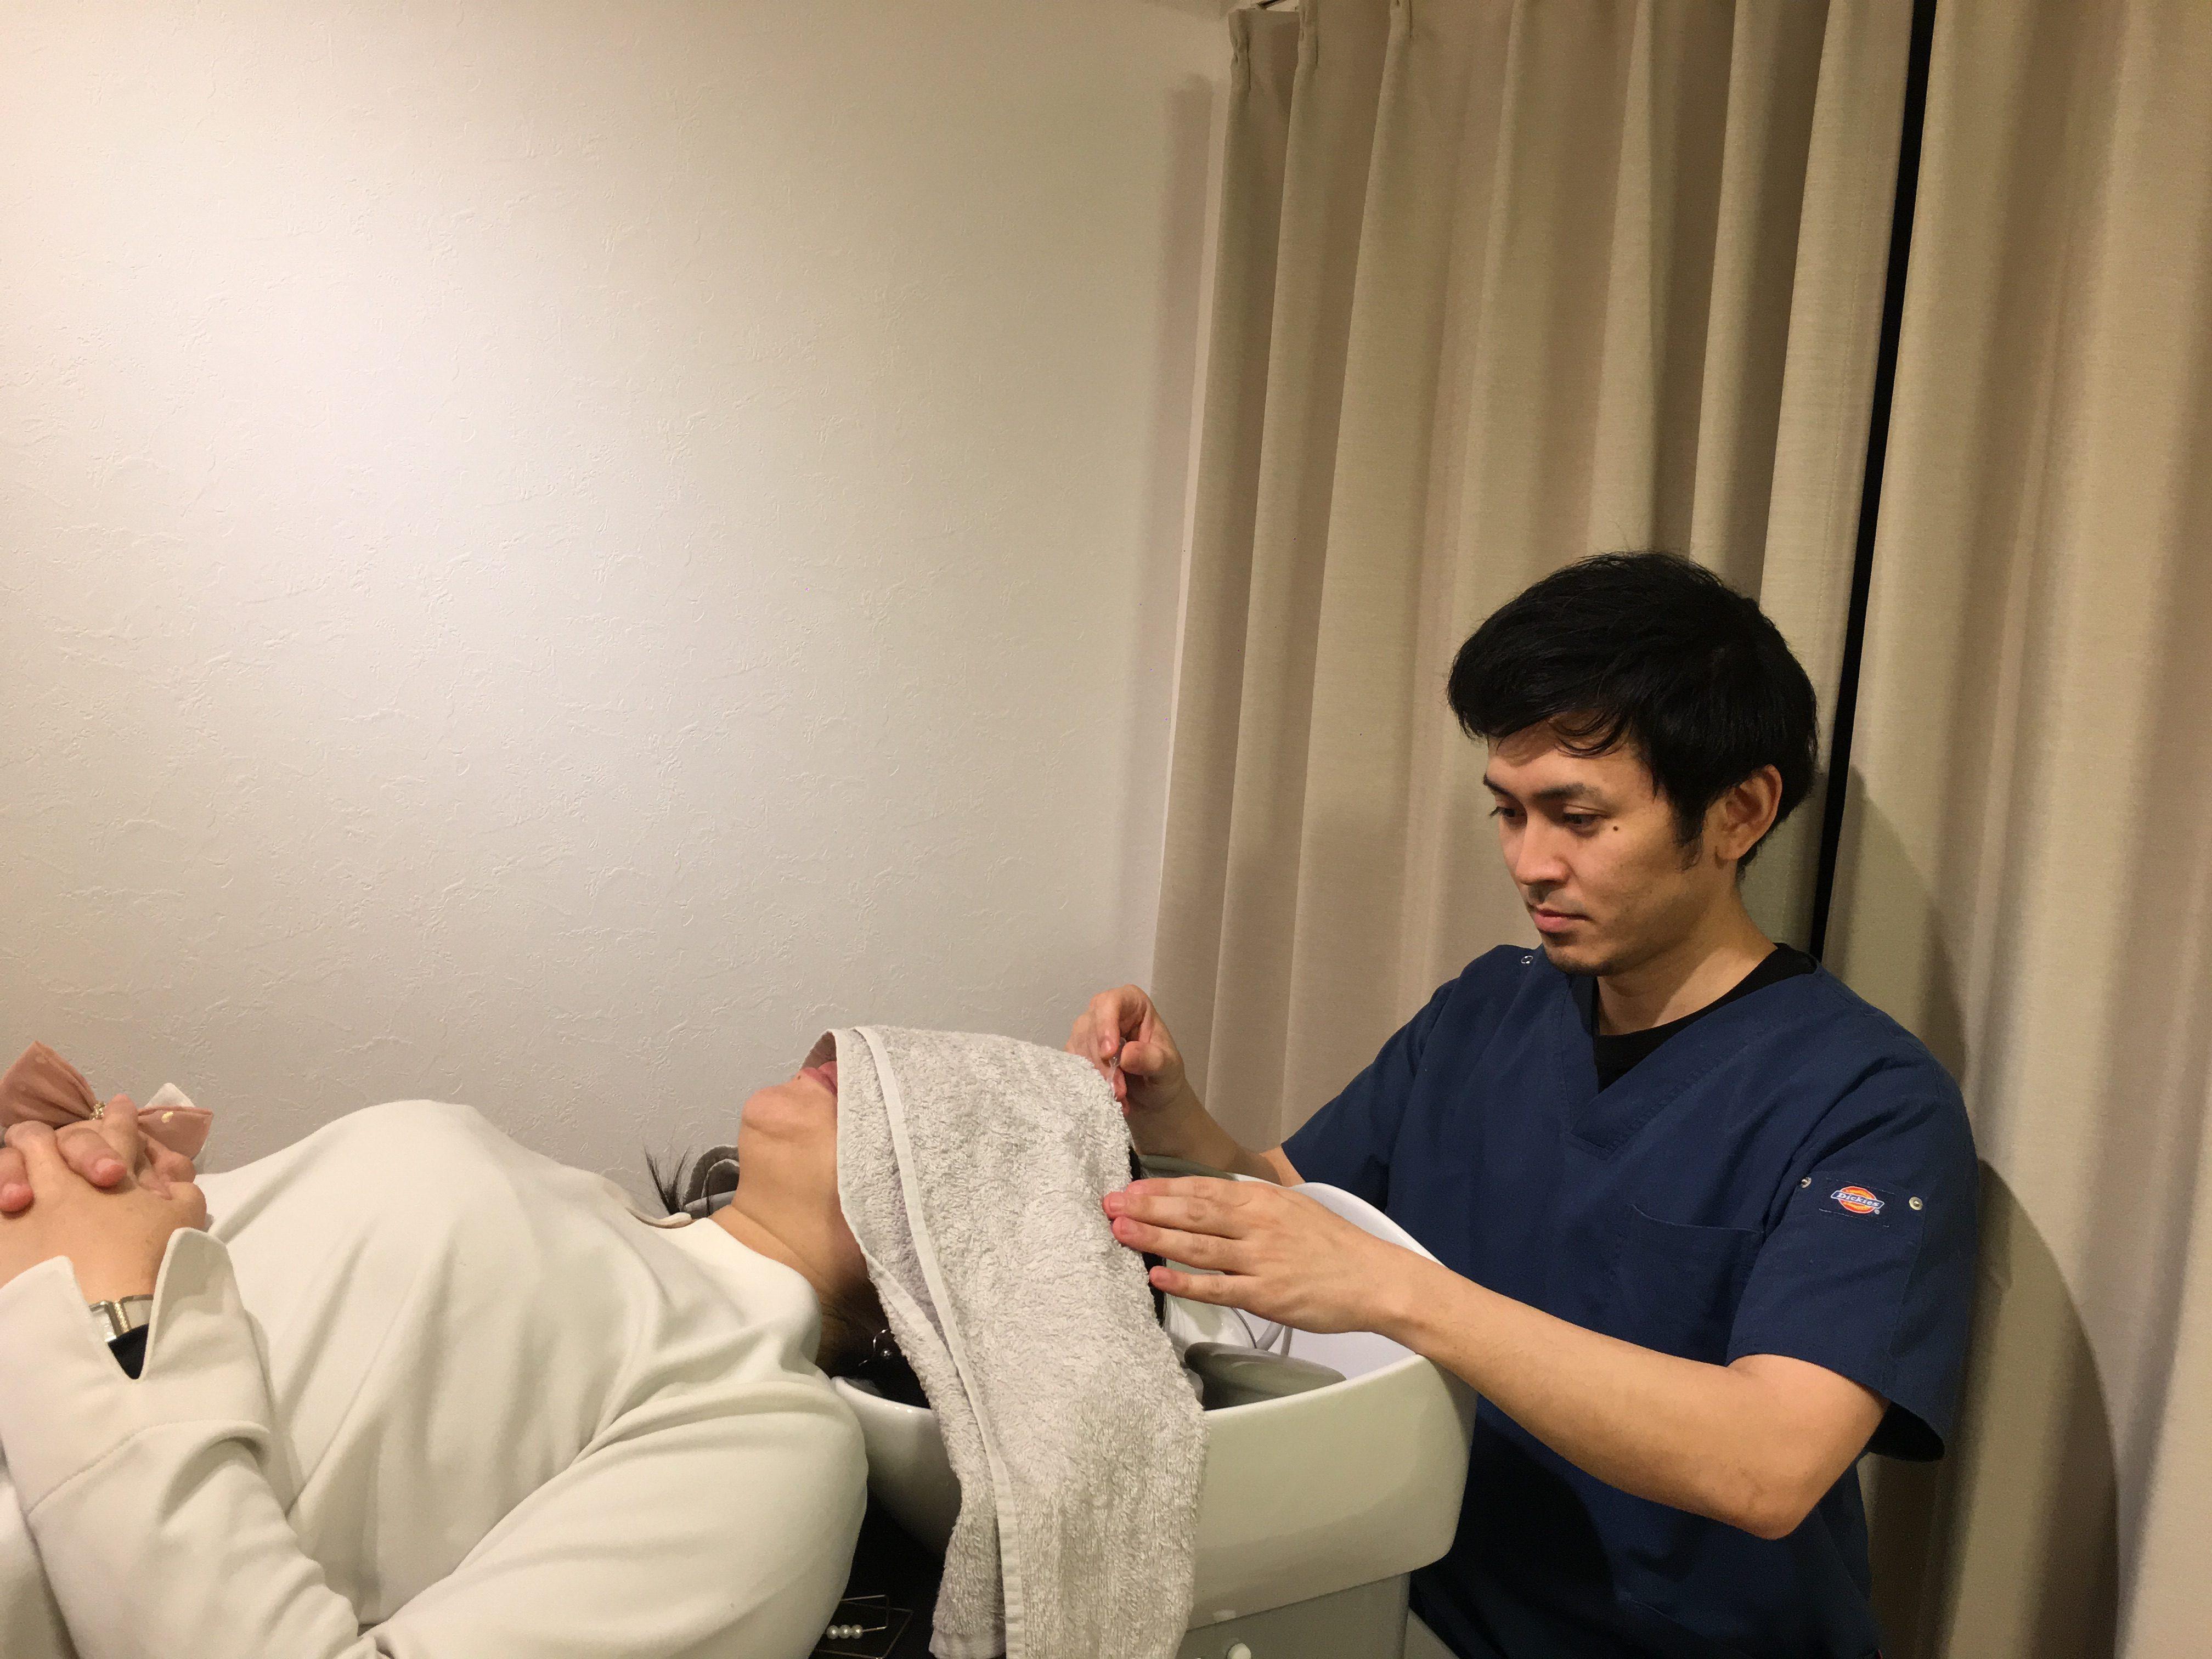 福岡薄毛発毛サロン憲幹細胞